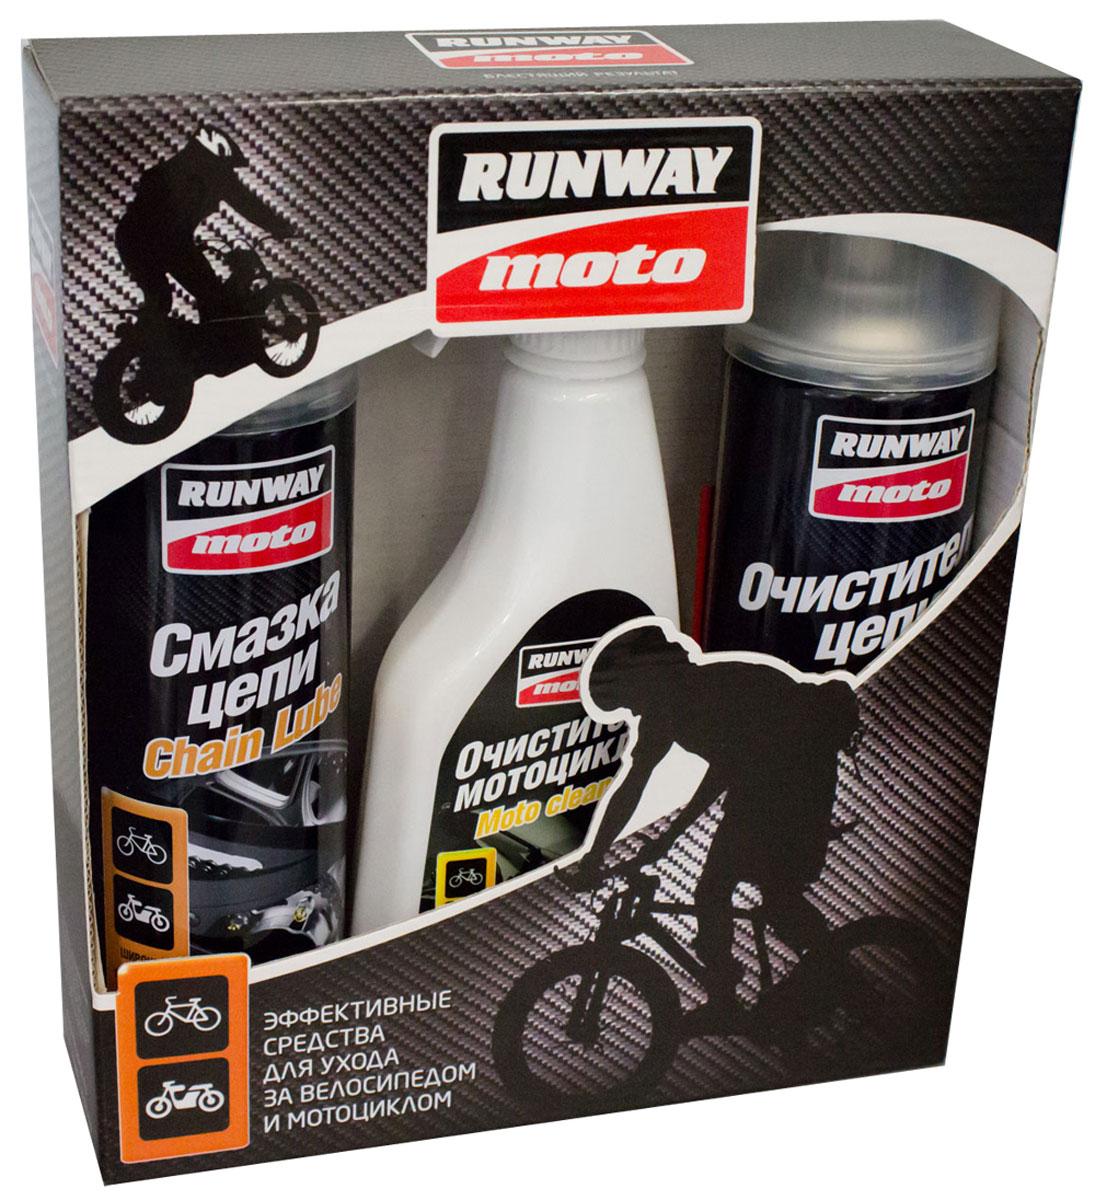 Автомобильный набор Runway, смазка цепи RW8000 + очиститель цепи RW8001 + очиститель мотоцикла RW8002